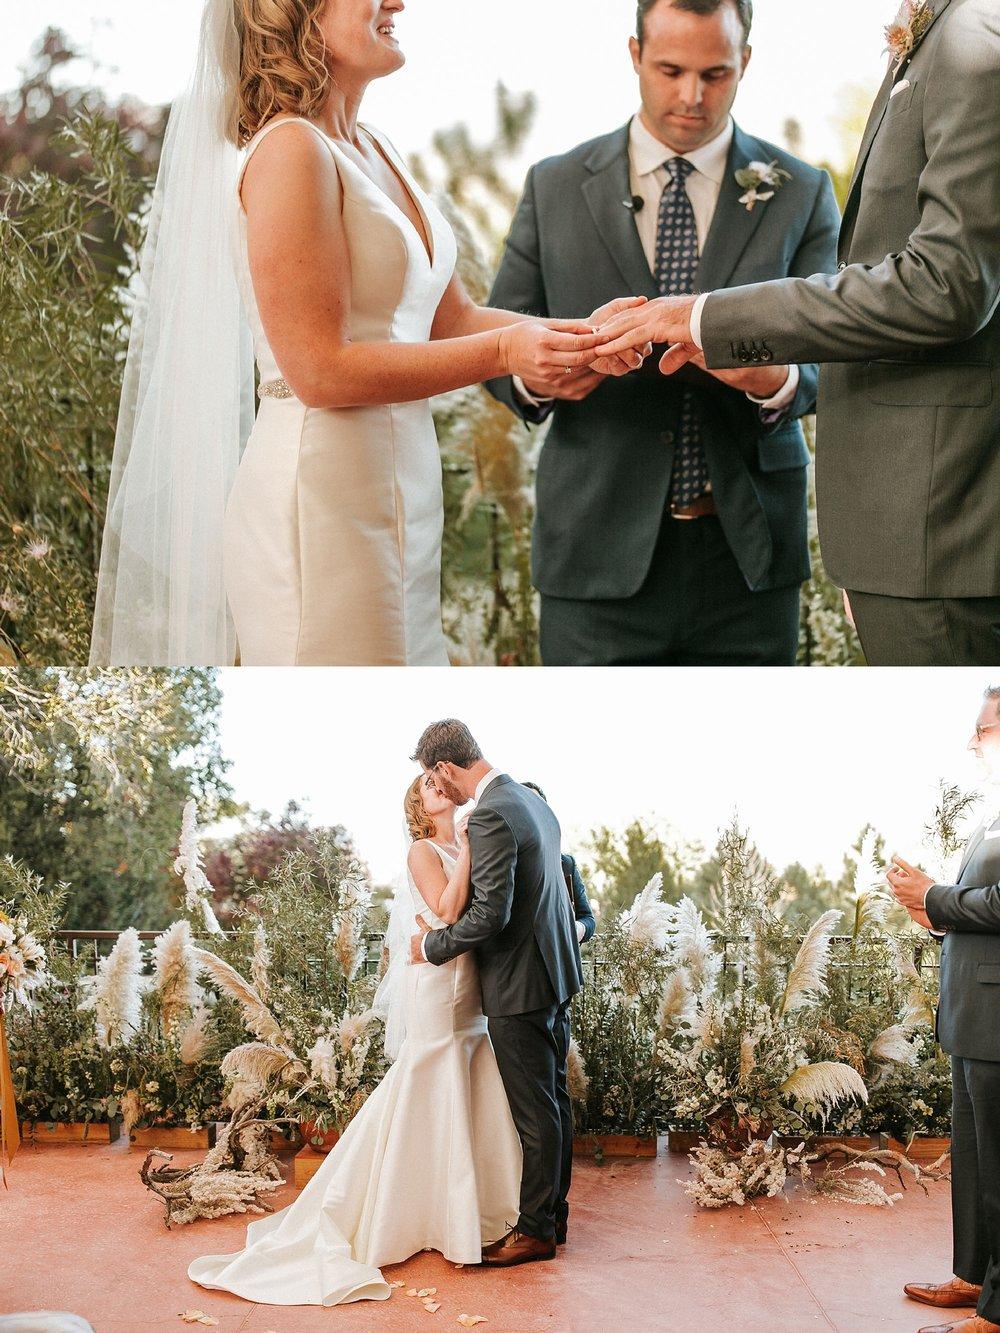 Alicia+lucia+photography+-+albuquerque+wedding+photographer+-+santa+fe+wedding+photography+-+new+mexico+wedding+photographer+-+new+mexico+wedding+-+wedding+photographer+-+wedding+photographer+team_0141.jpg